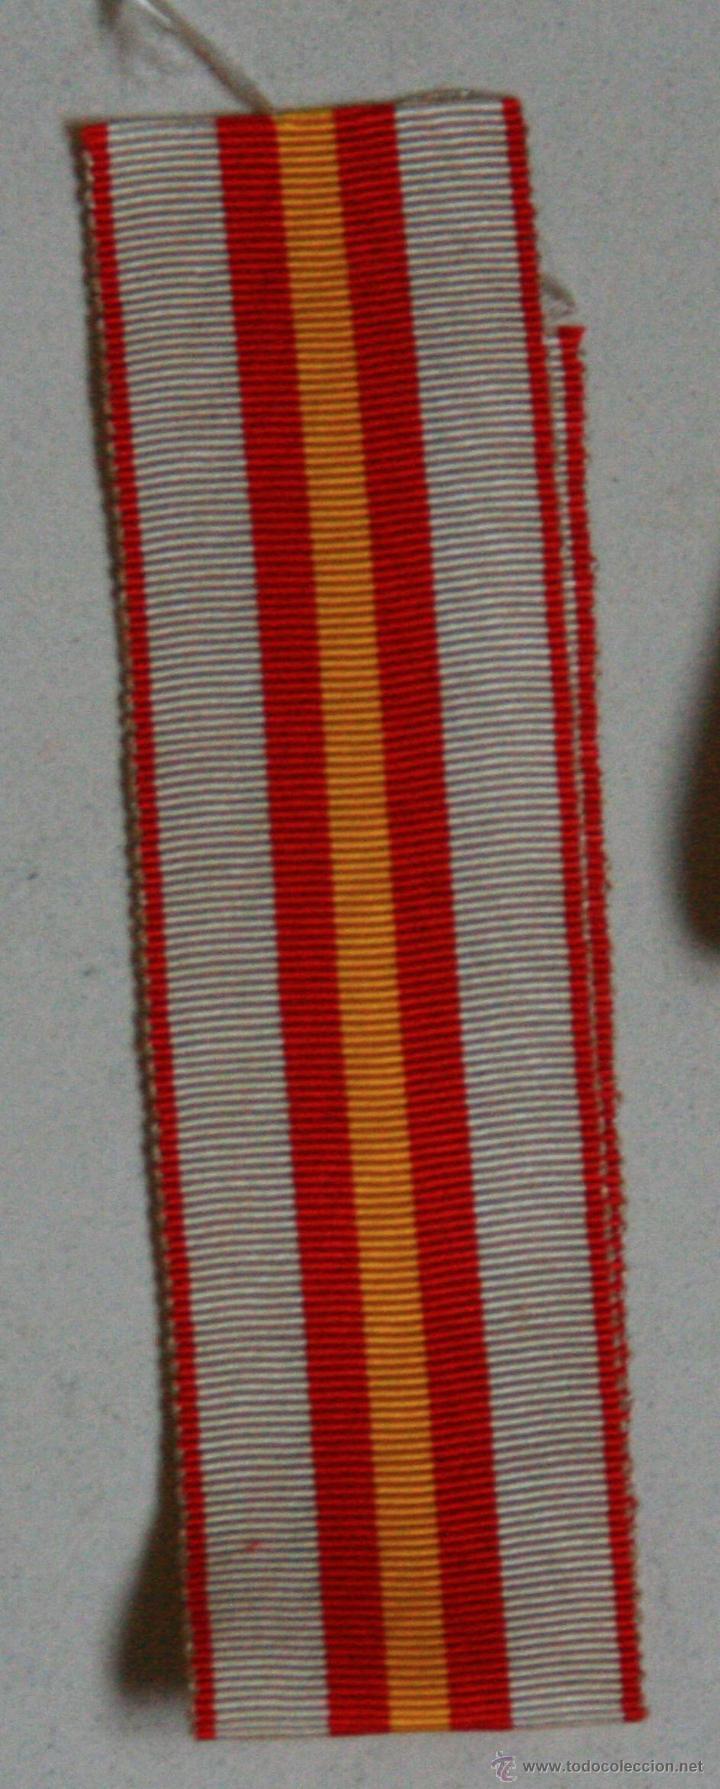 CINTA DE CONDECORACION (Militar - Cintas de Medallas y Pasadores)